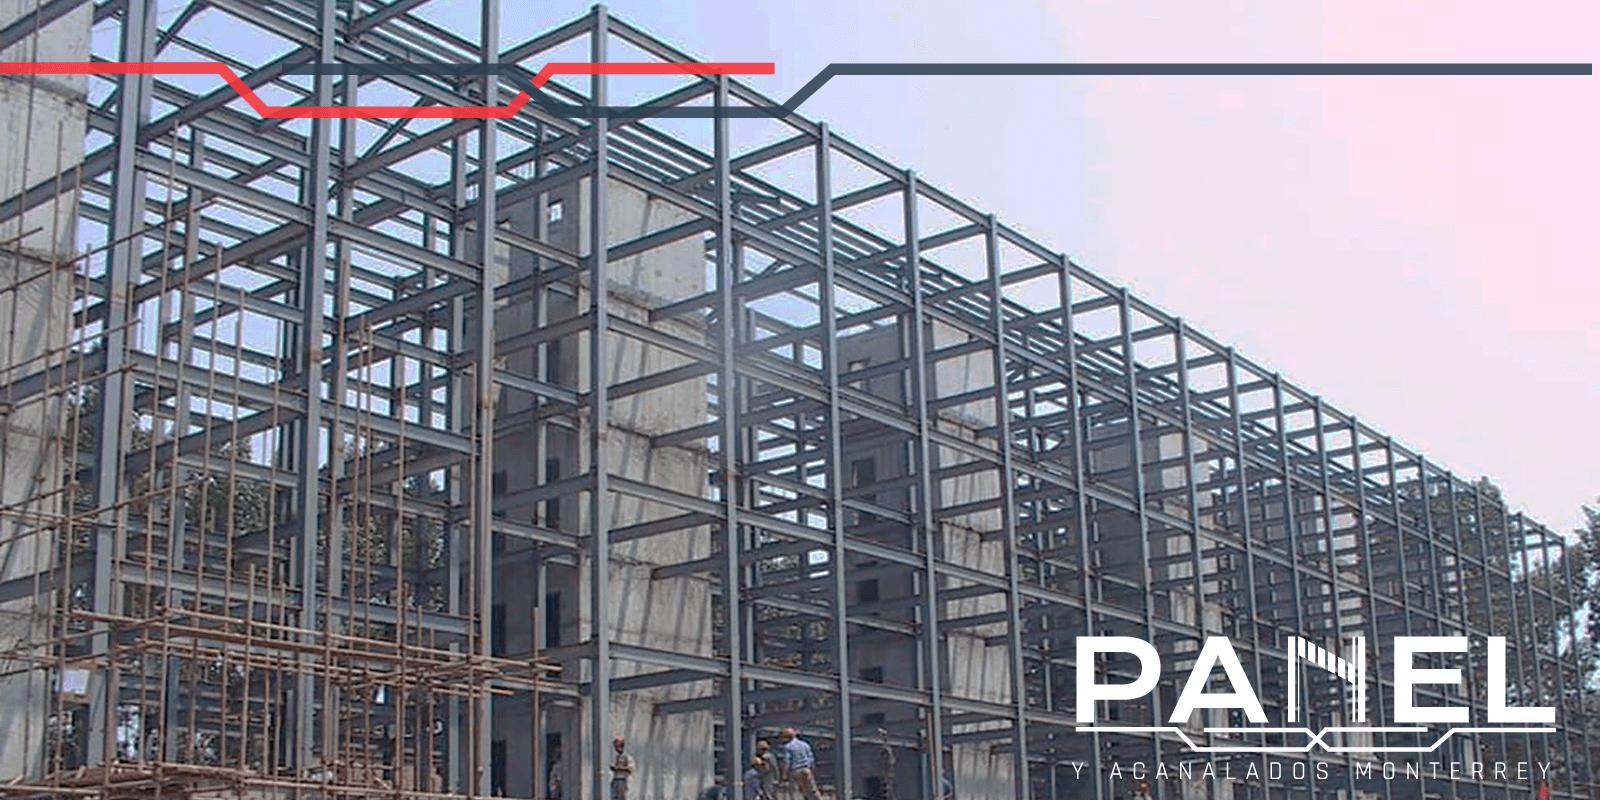 Construcción construida a base de acero estructural